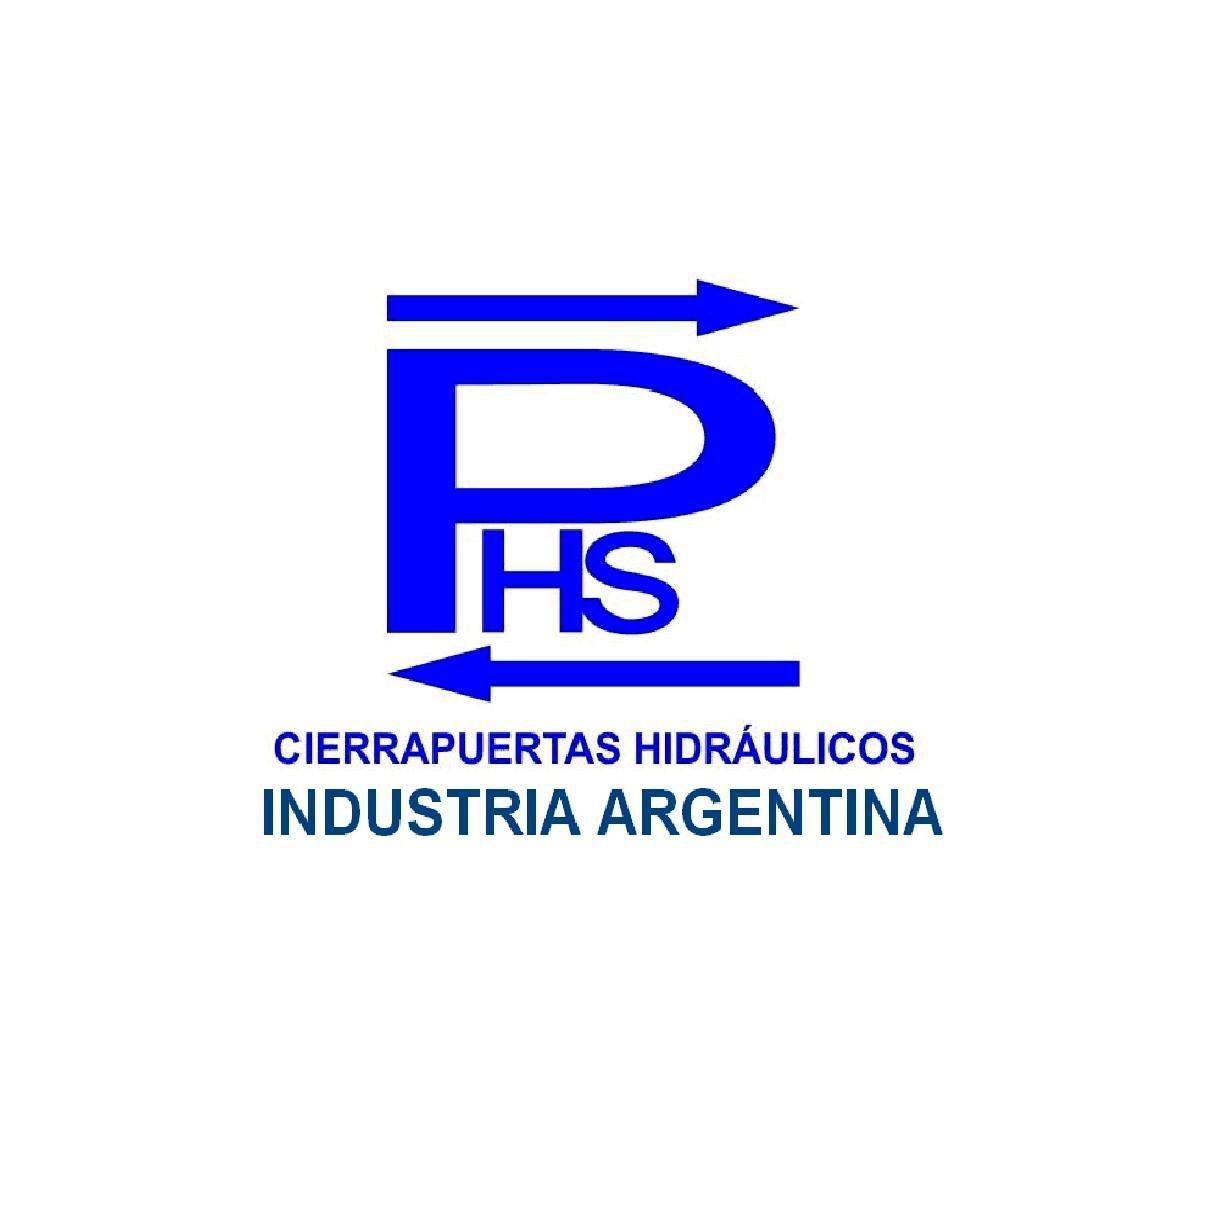 PHS - CIERRAPUERTAS HIDRAULICOS